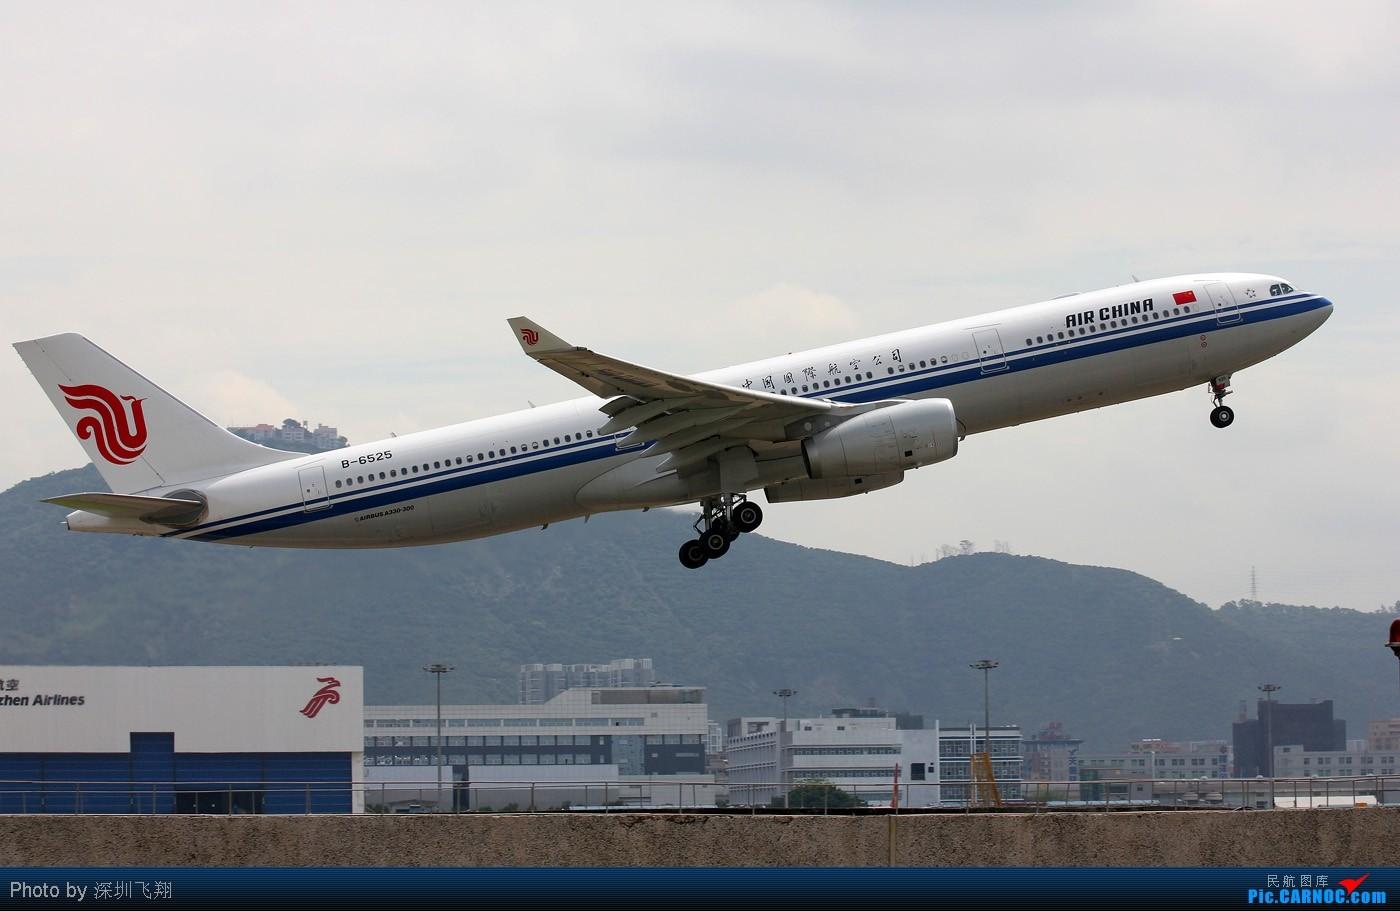 国航333机型_>>[原创]***深圳飞友会*** 国航最近买了不少333啊!